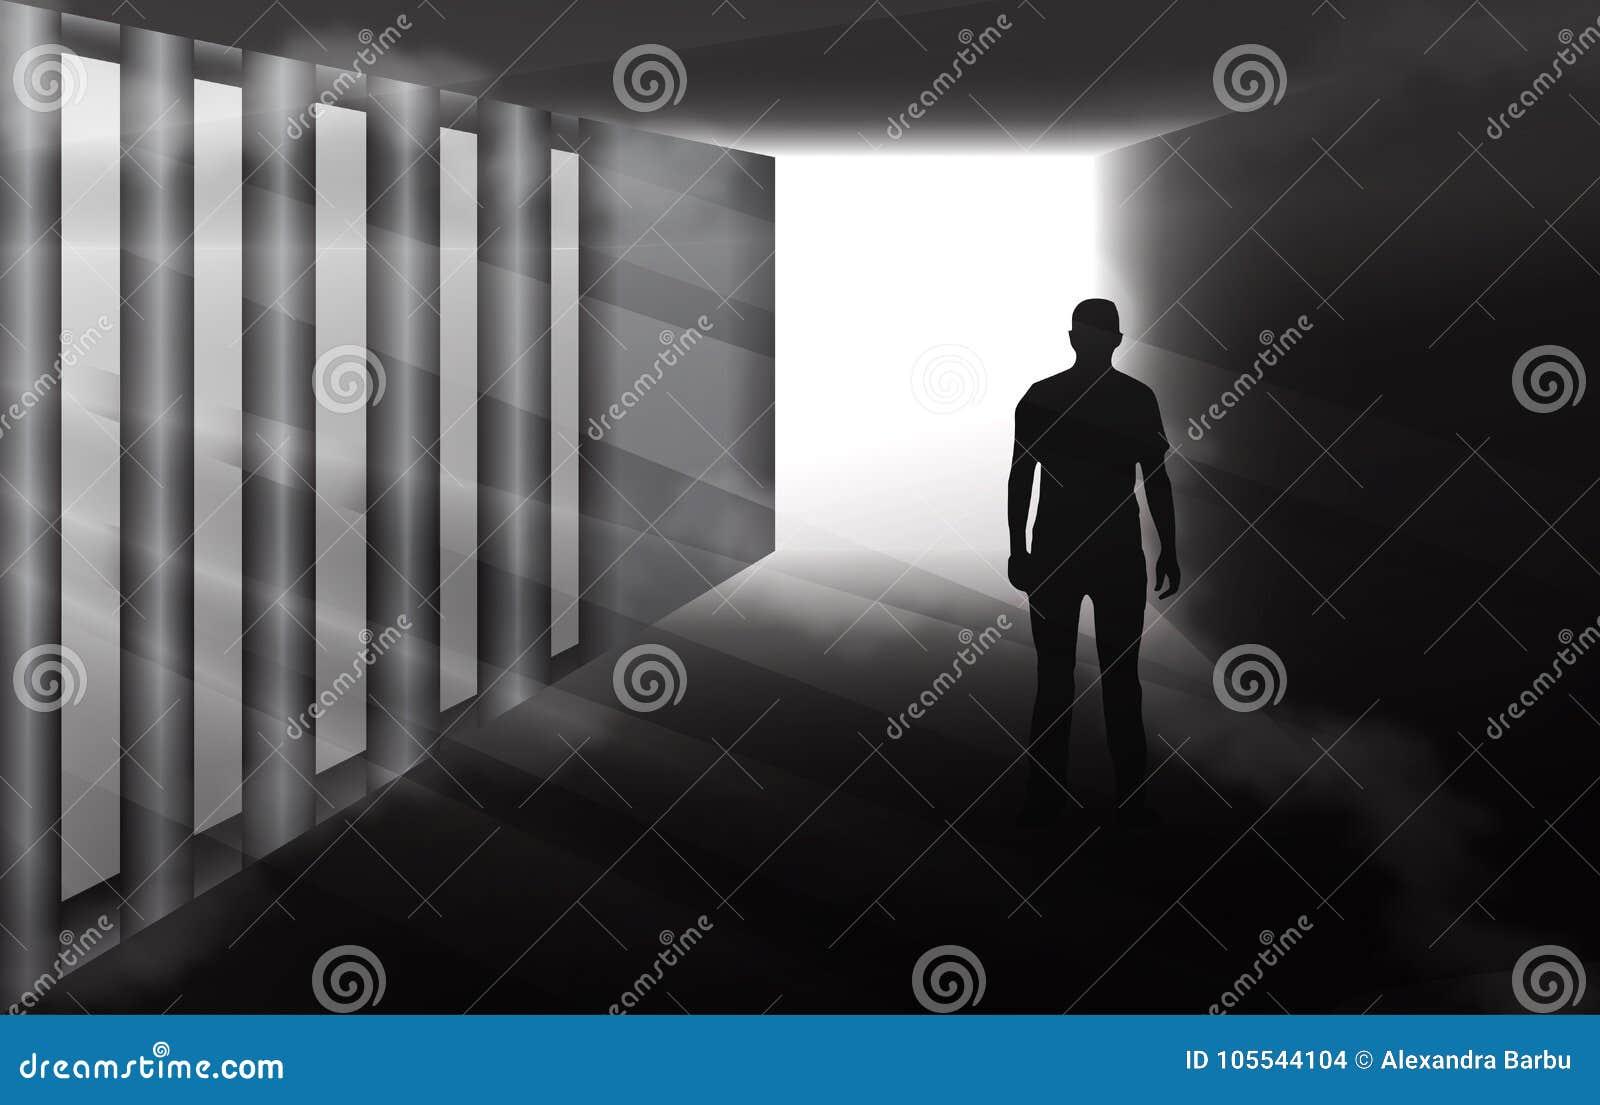 Загадочный силуэт человека в туманном тоннеле